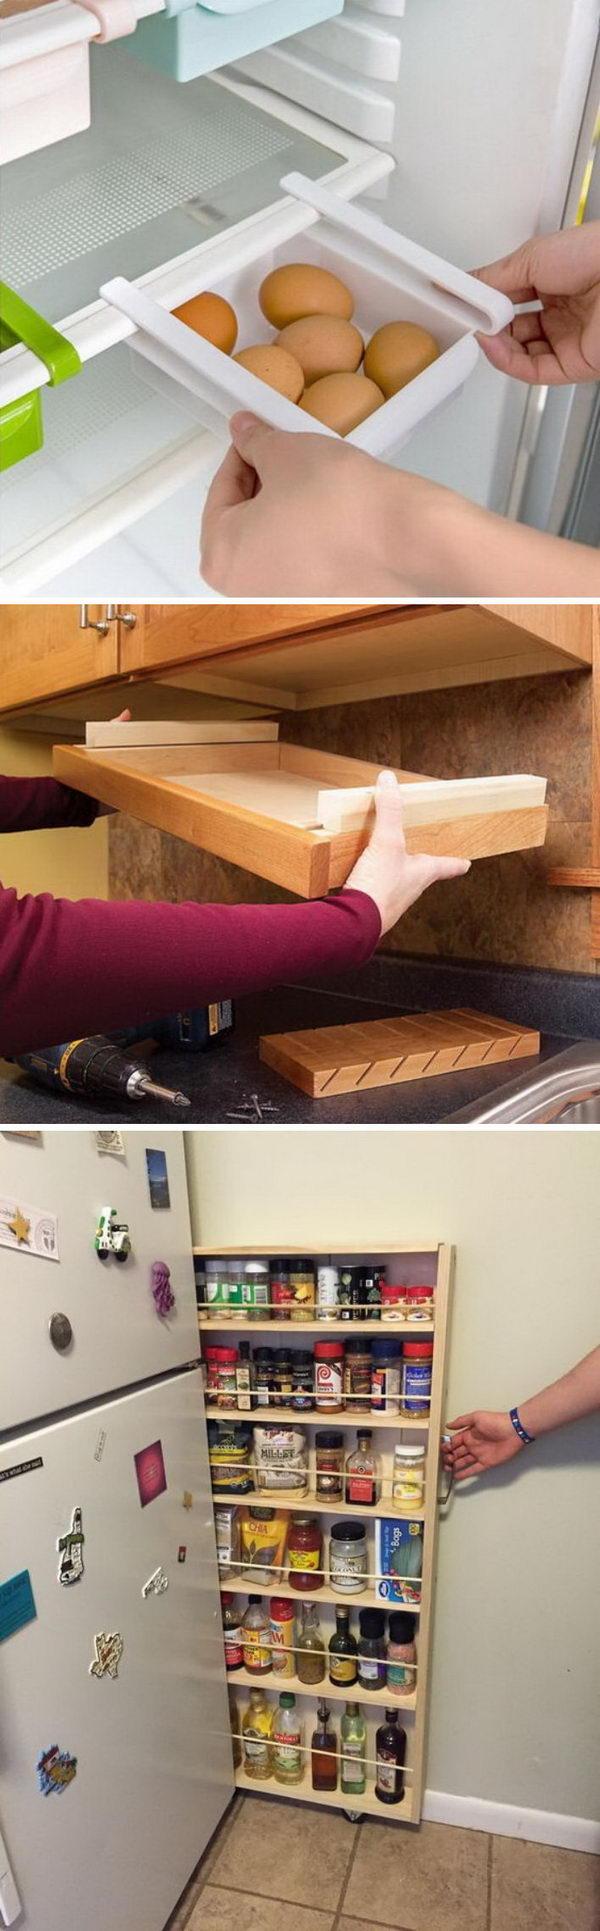 10 id es pour un rangement astucieux dans la cuisine astuces pour femmes. Black Bedroom Furniture Sets. Home Design Ideas